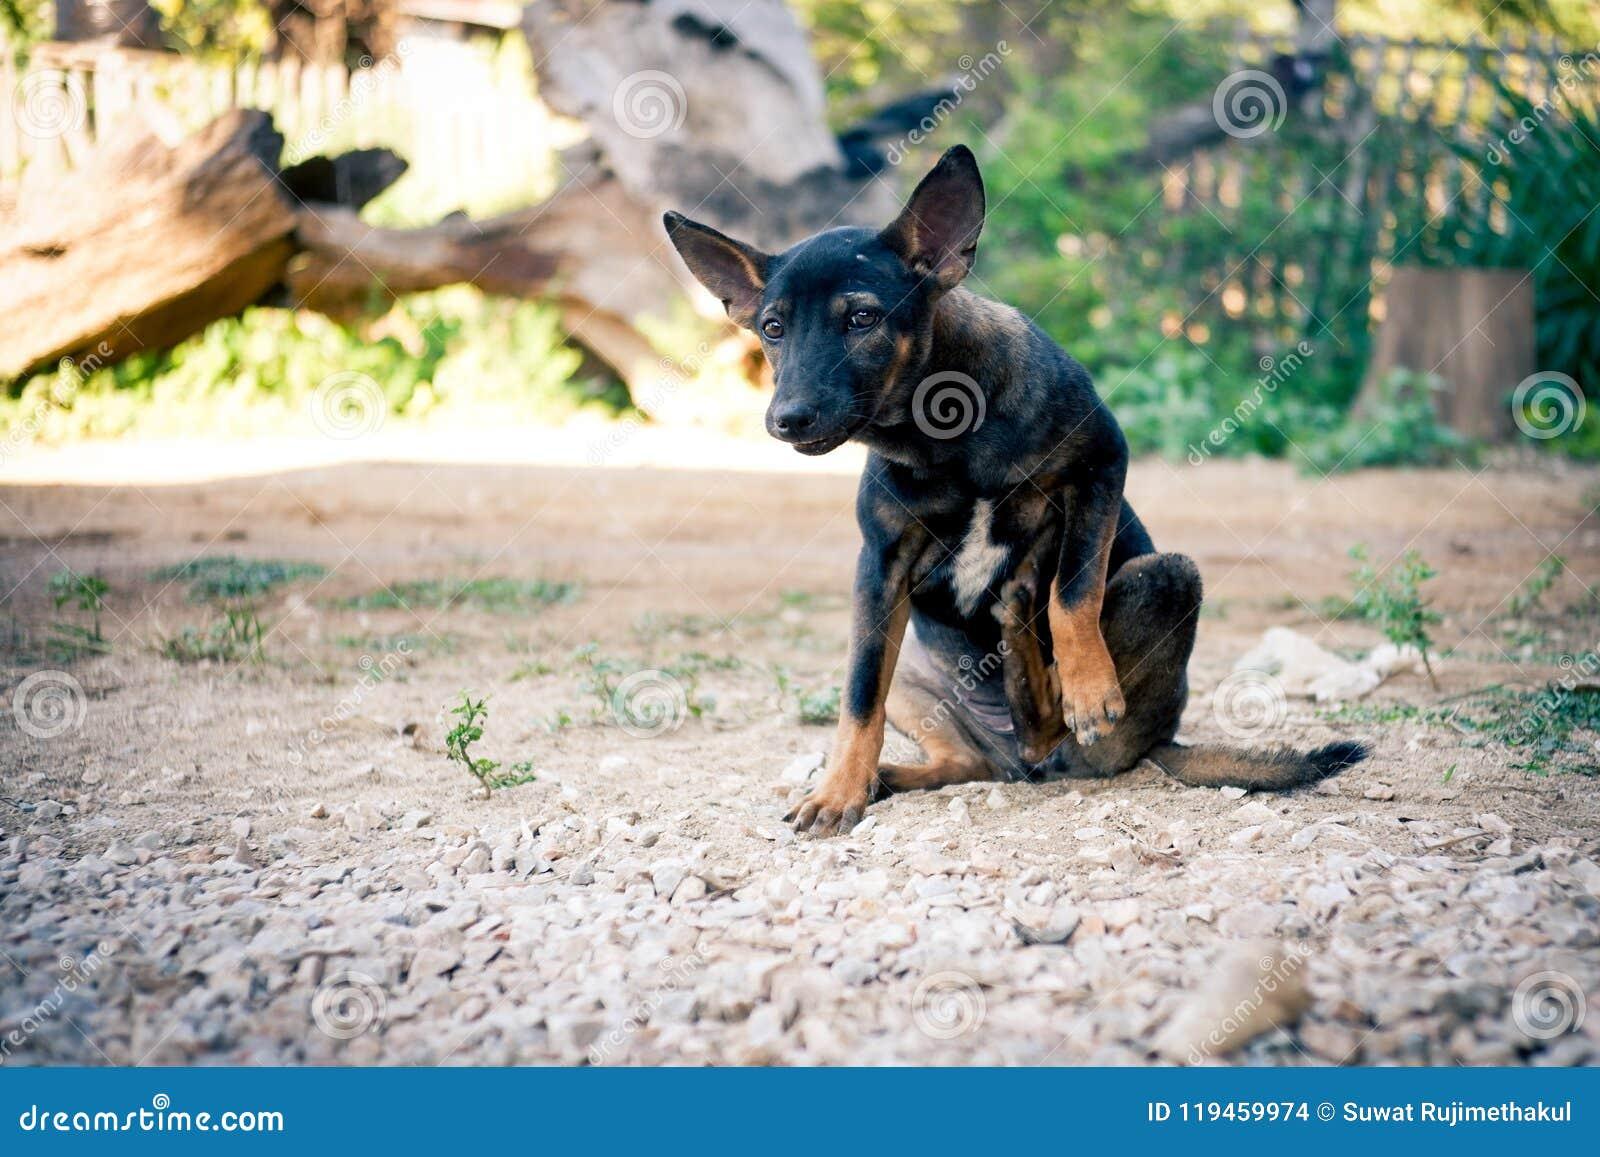 Het Thaise zwarte hond jeukerig krassen zijn been